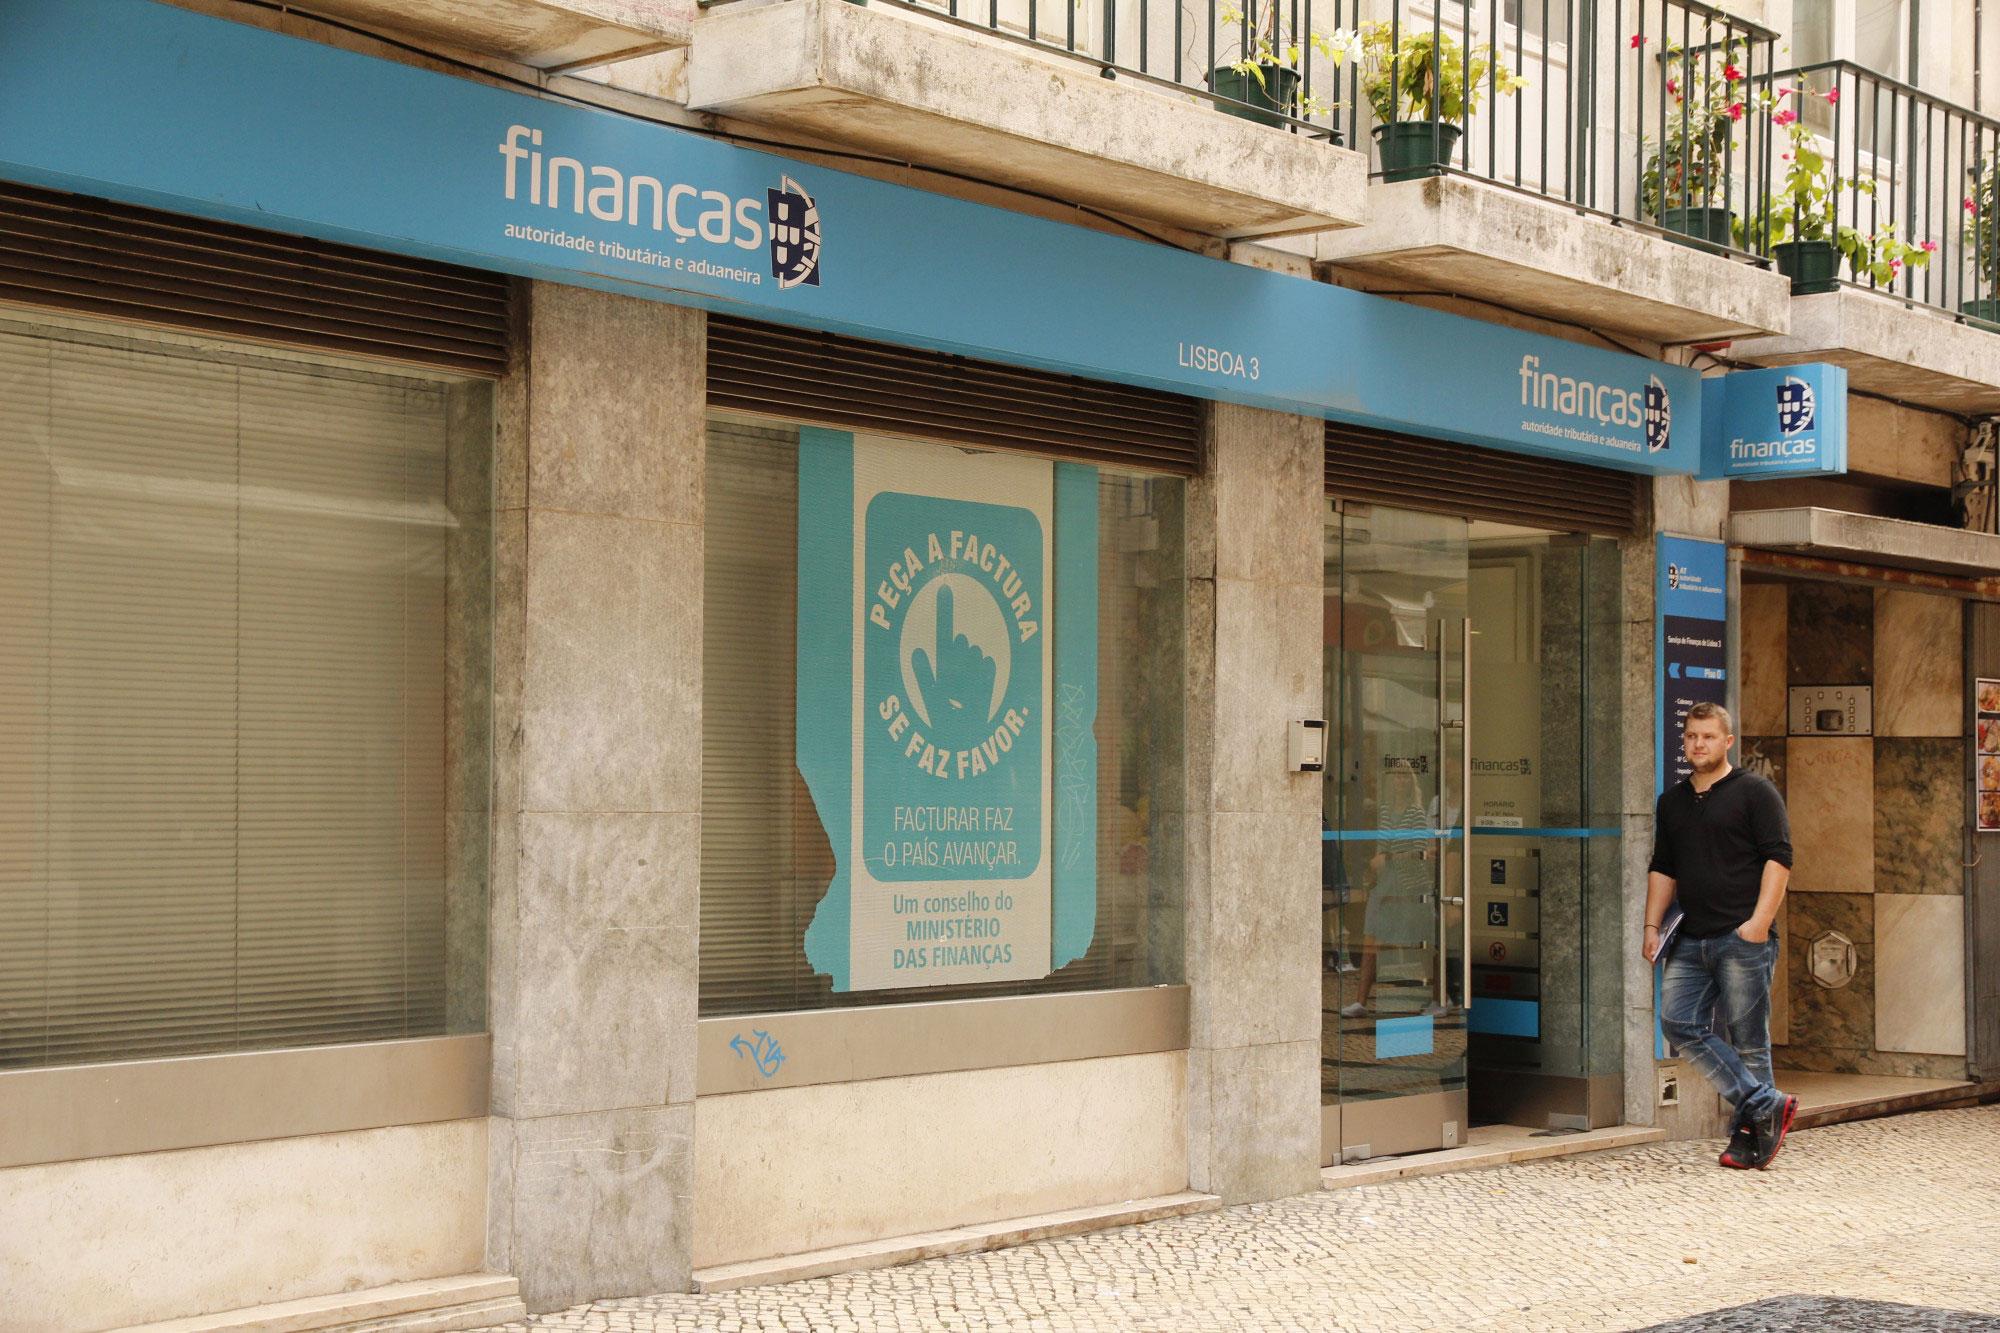 اداره مالیات پرتغال